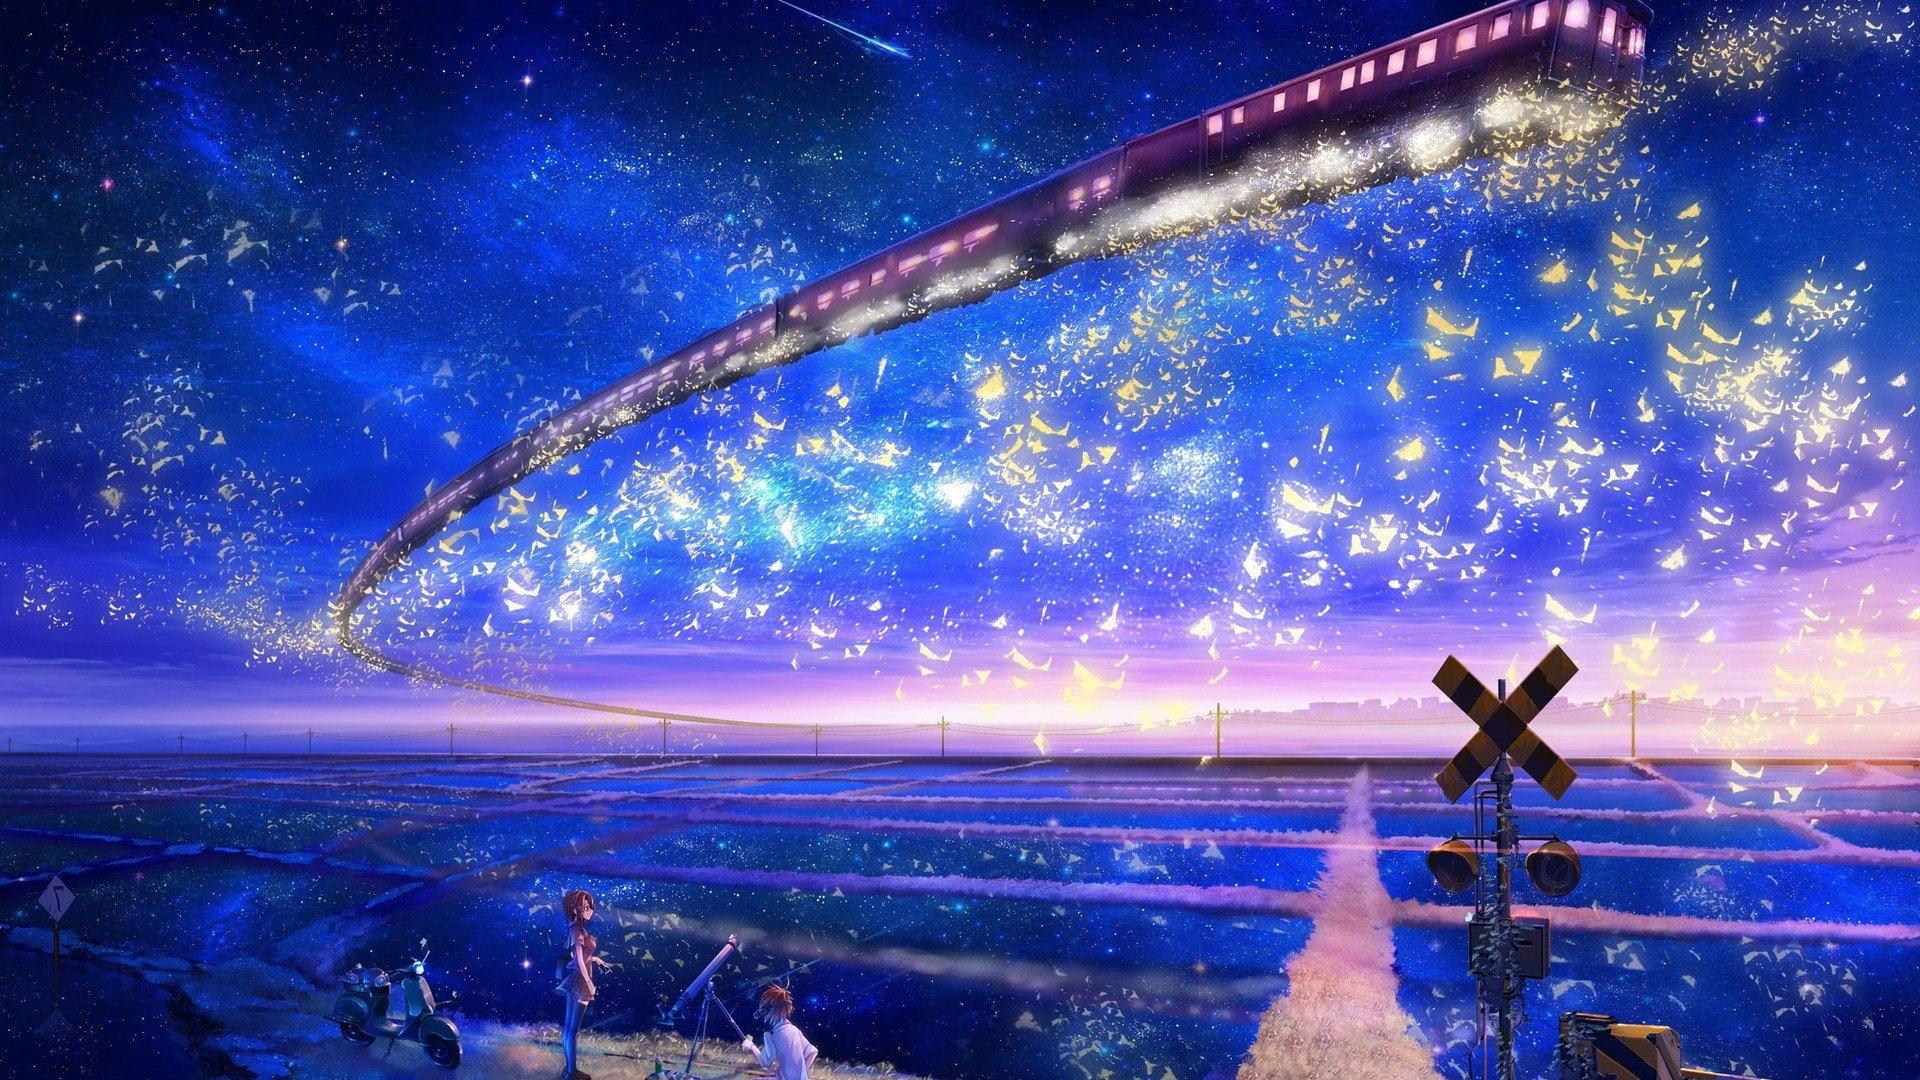 Ảnh Galaxy Anime đẹp nhất